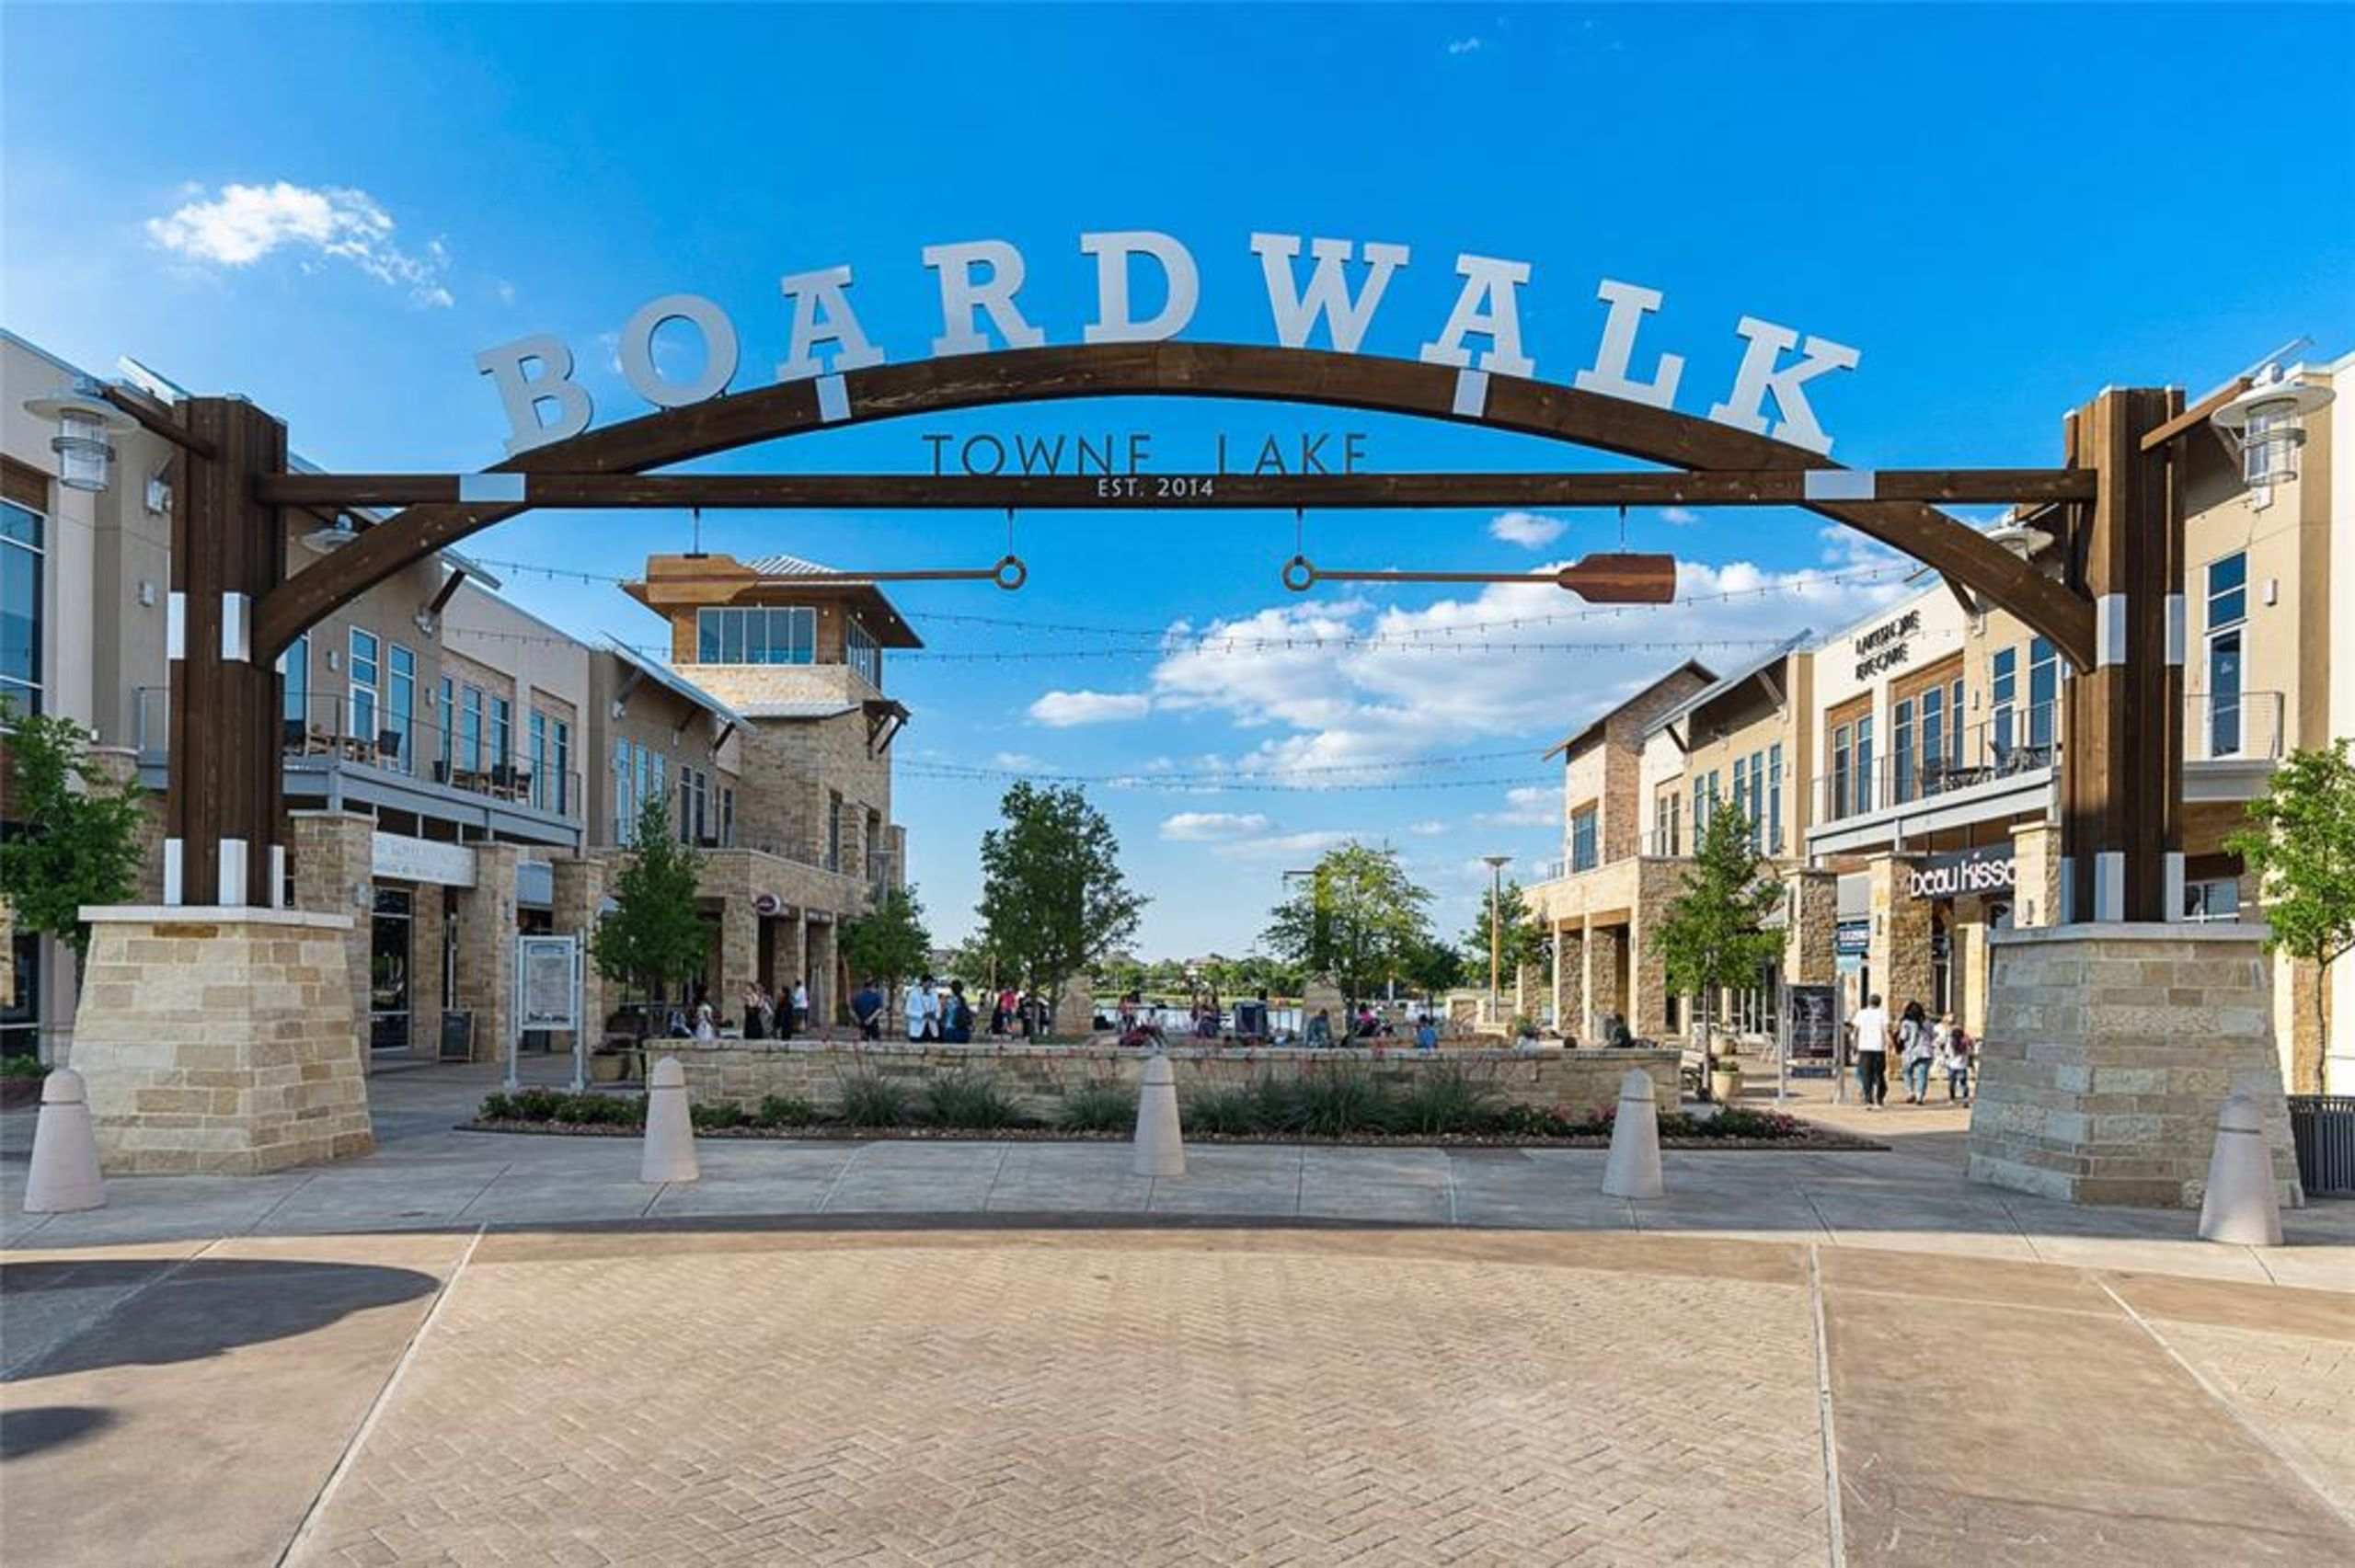 Towne Lake Boardwalk/ Dining & Shopping